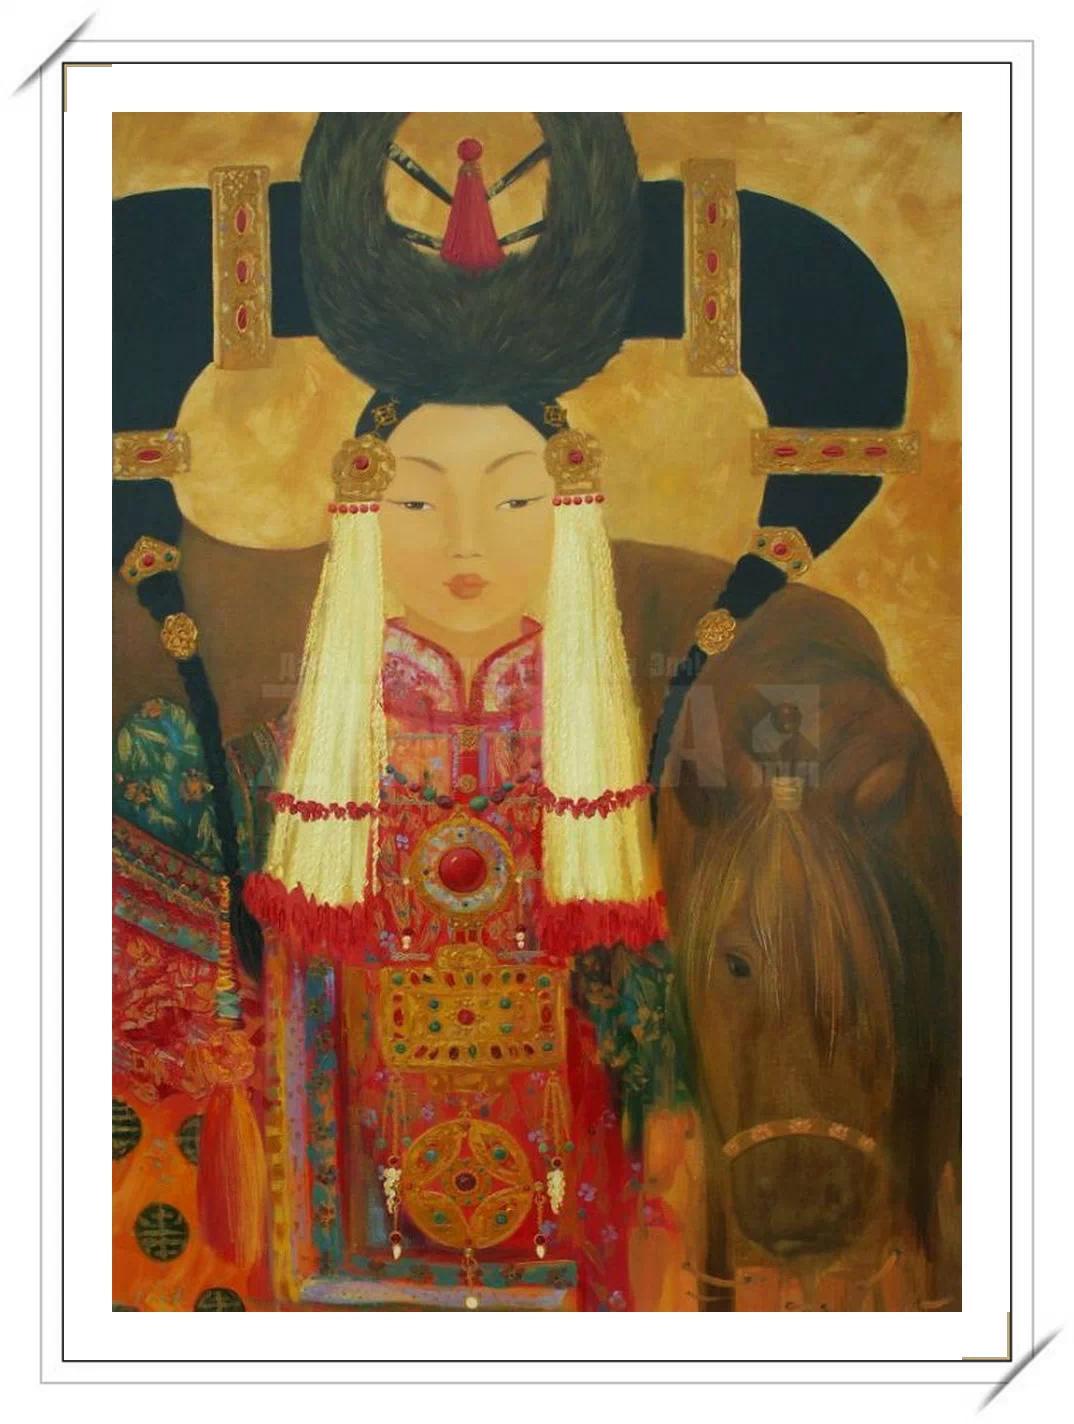 【民族艺术】蒙古风格绘画作品 —— 画笔下的民族风 第14张